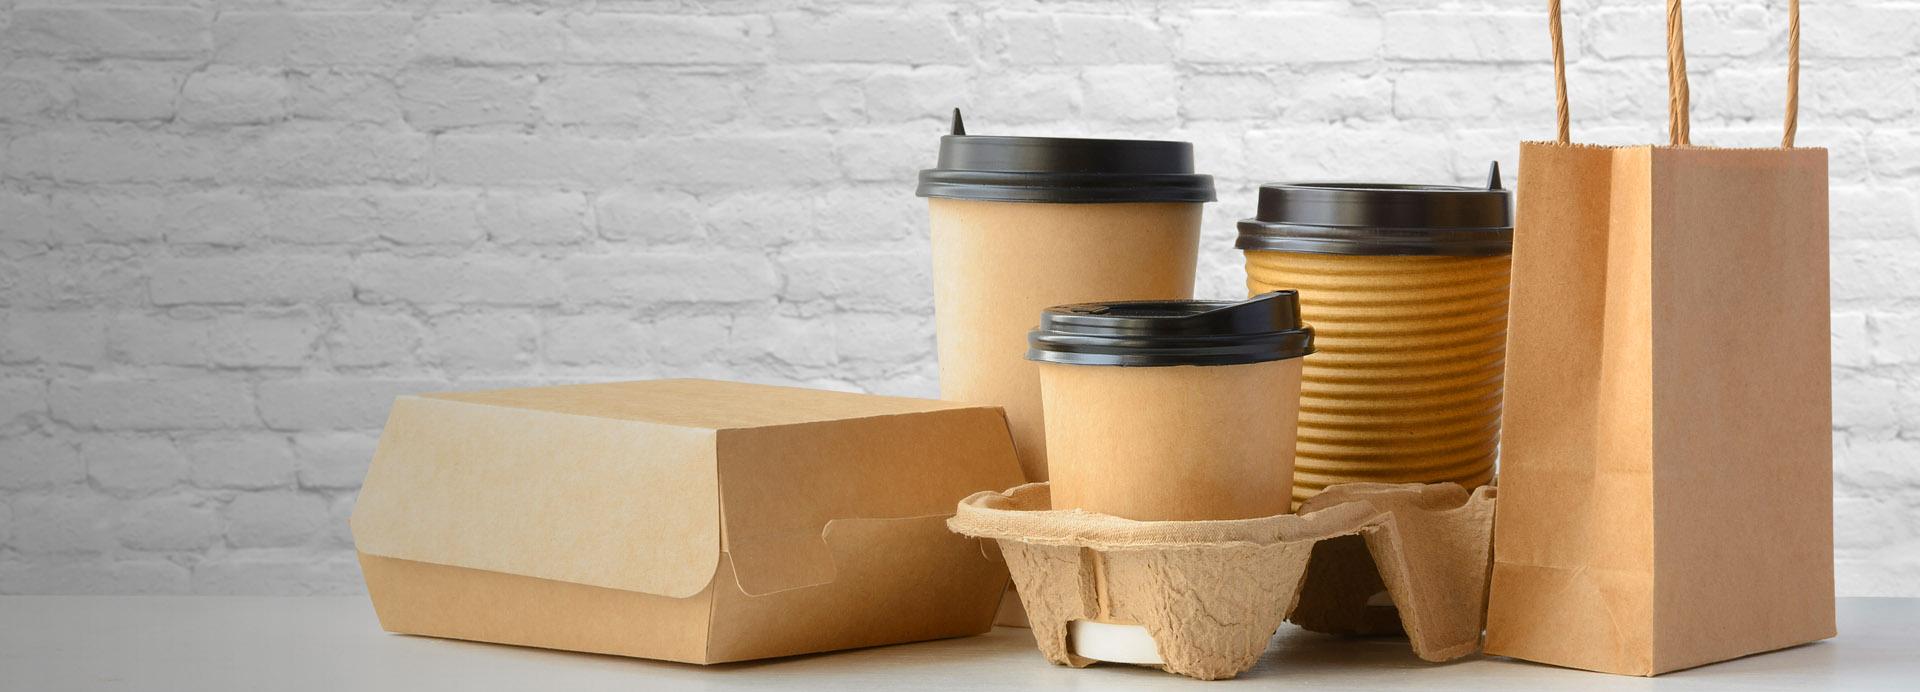 Bioverpakkingen op pack2go